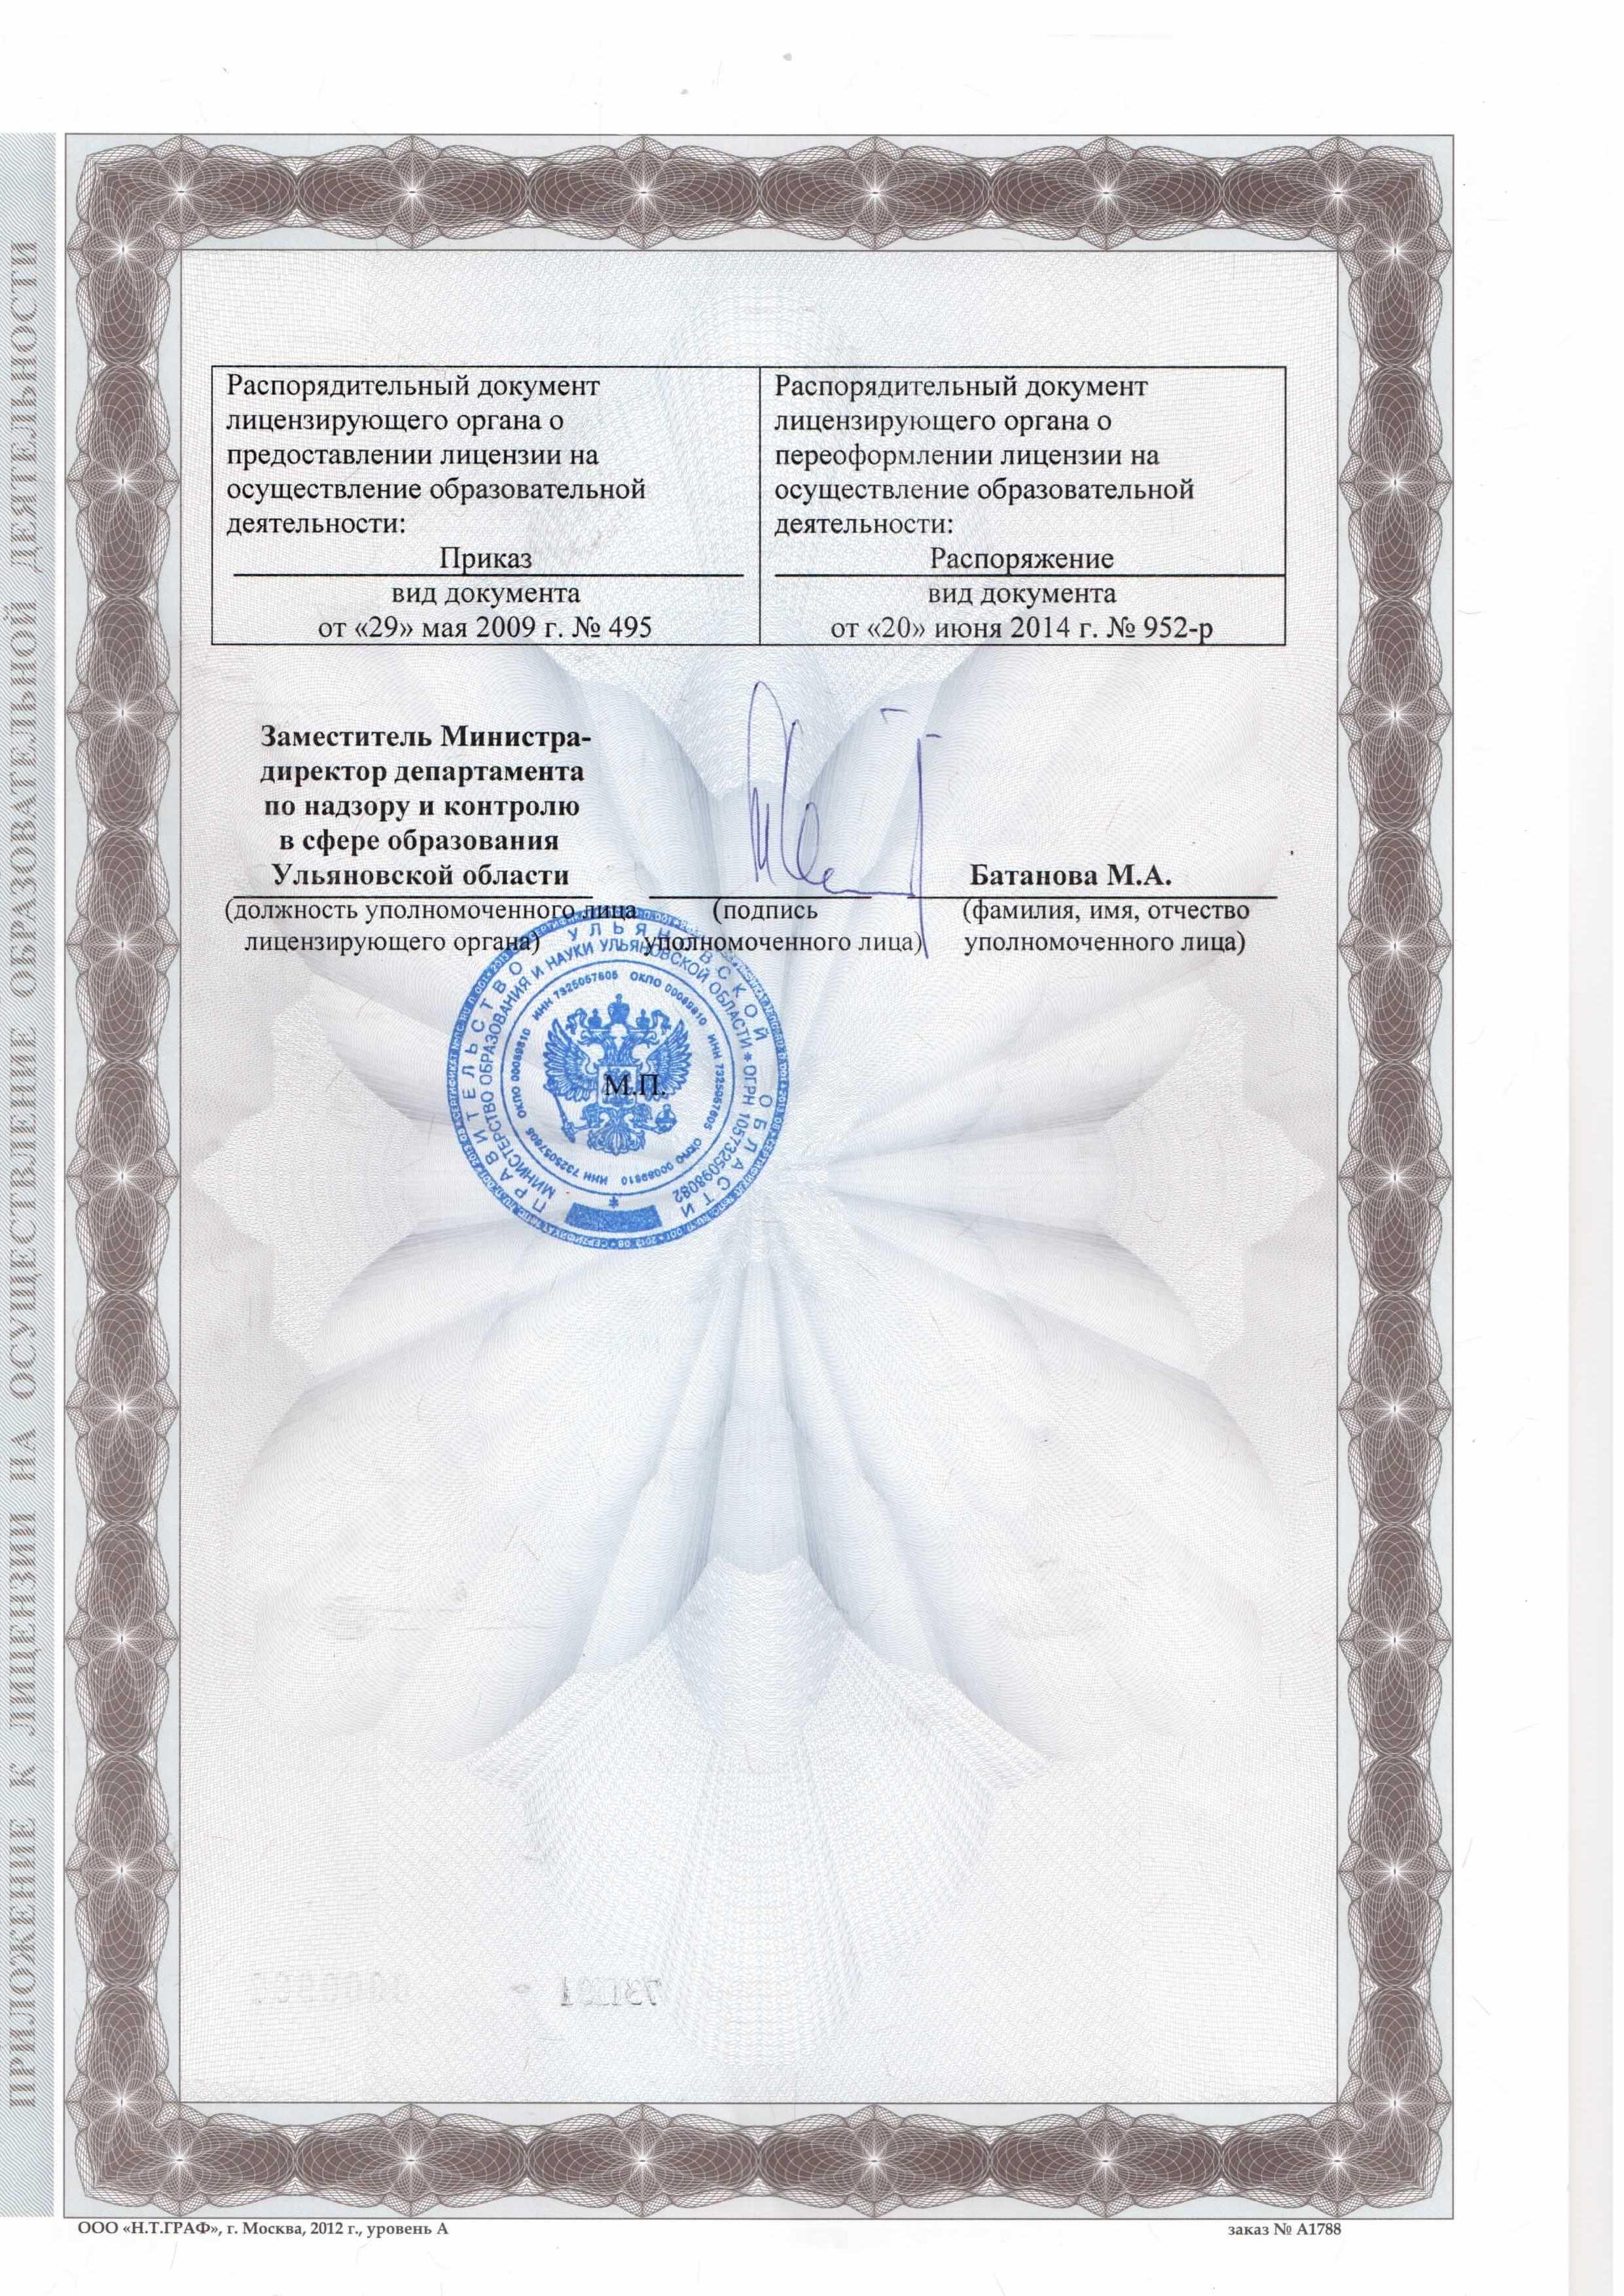 Пошаговая инструкция самостоятельной регистрации ООО в